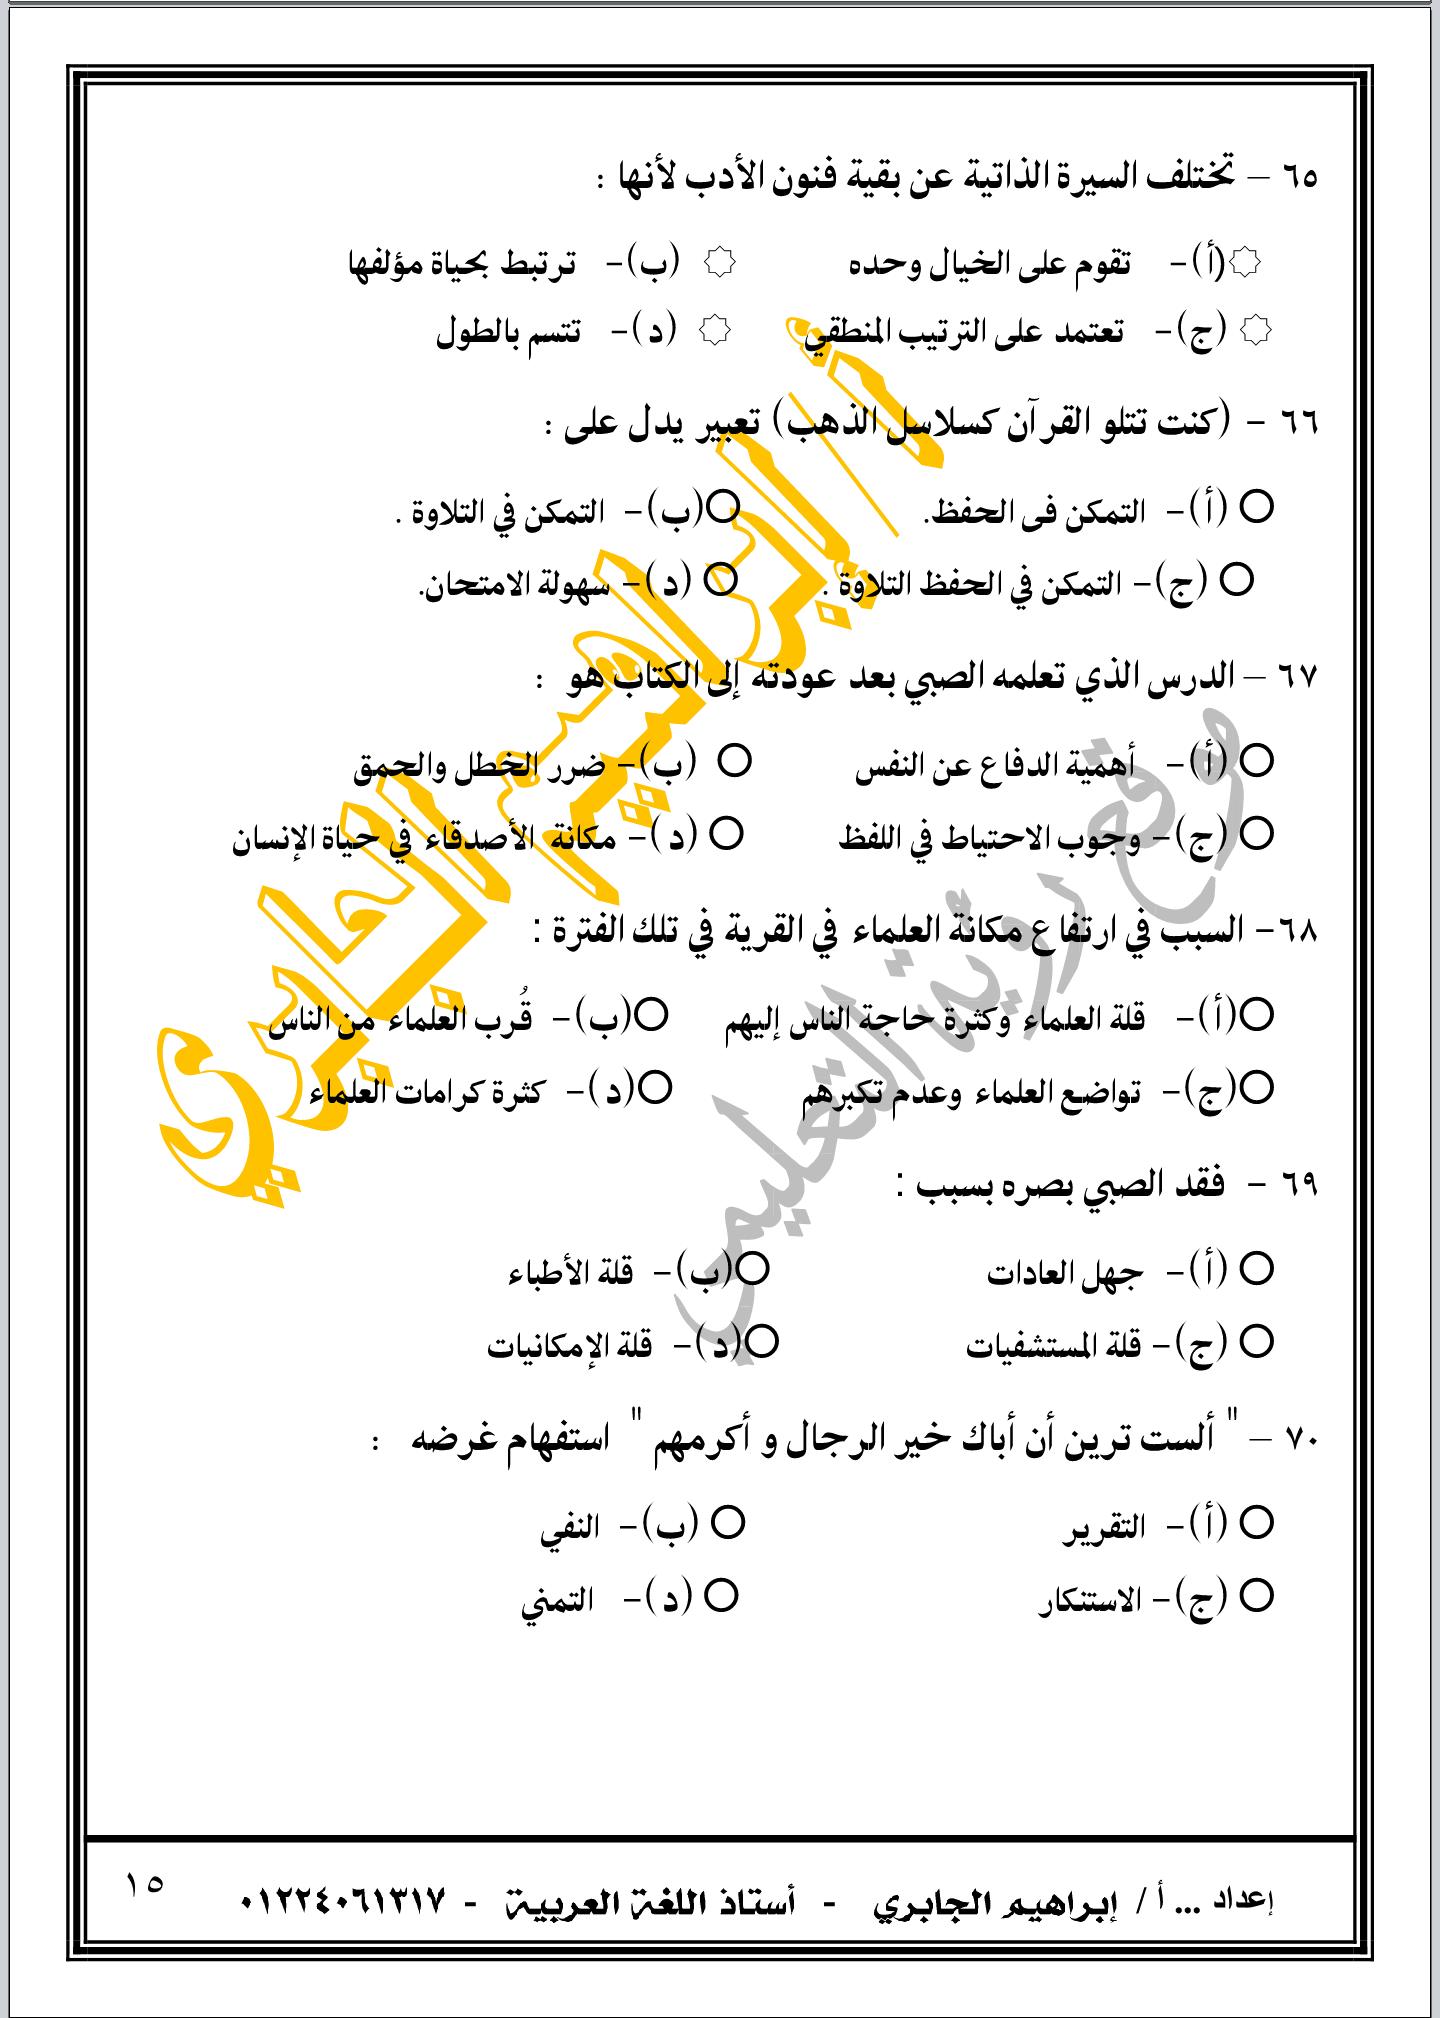 امتحان لغة عربية شامل للثانوية العامة نظام جديد 2021.. 70 سؤالا بالإجابات النموذجية Screenshot_%25D9%25A2%25D9%25A0%25D9%25A2%25D9%25A1-%25D9%25A0%25D9%25A4-%25D9%25A1%25D9%25A5-%25D9%25A0%25D9%25A1-%25D9%25A4%25D9%25A2-%25D9%25A0%25D9%25A1-1